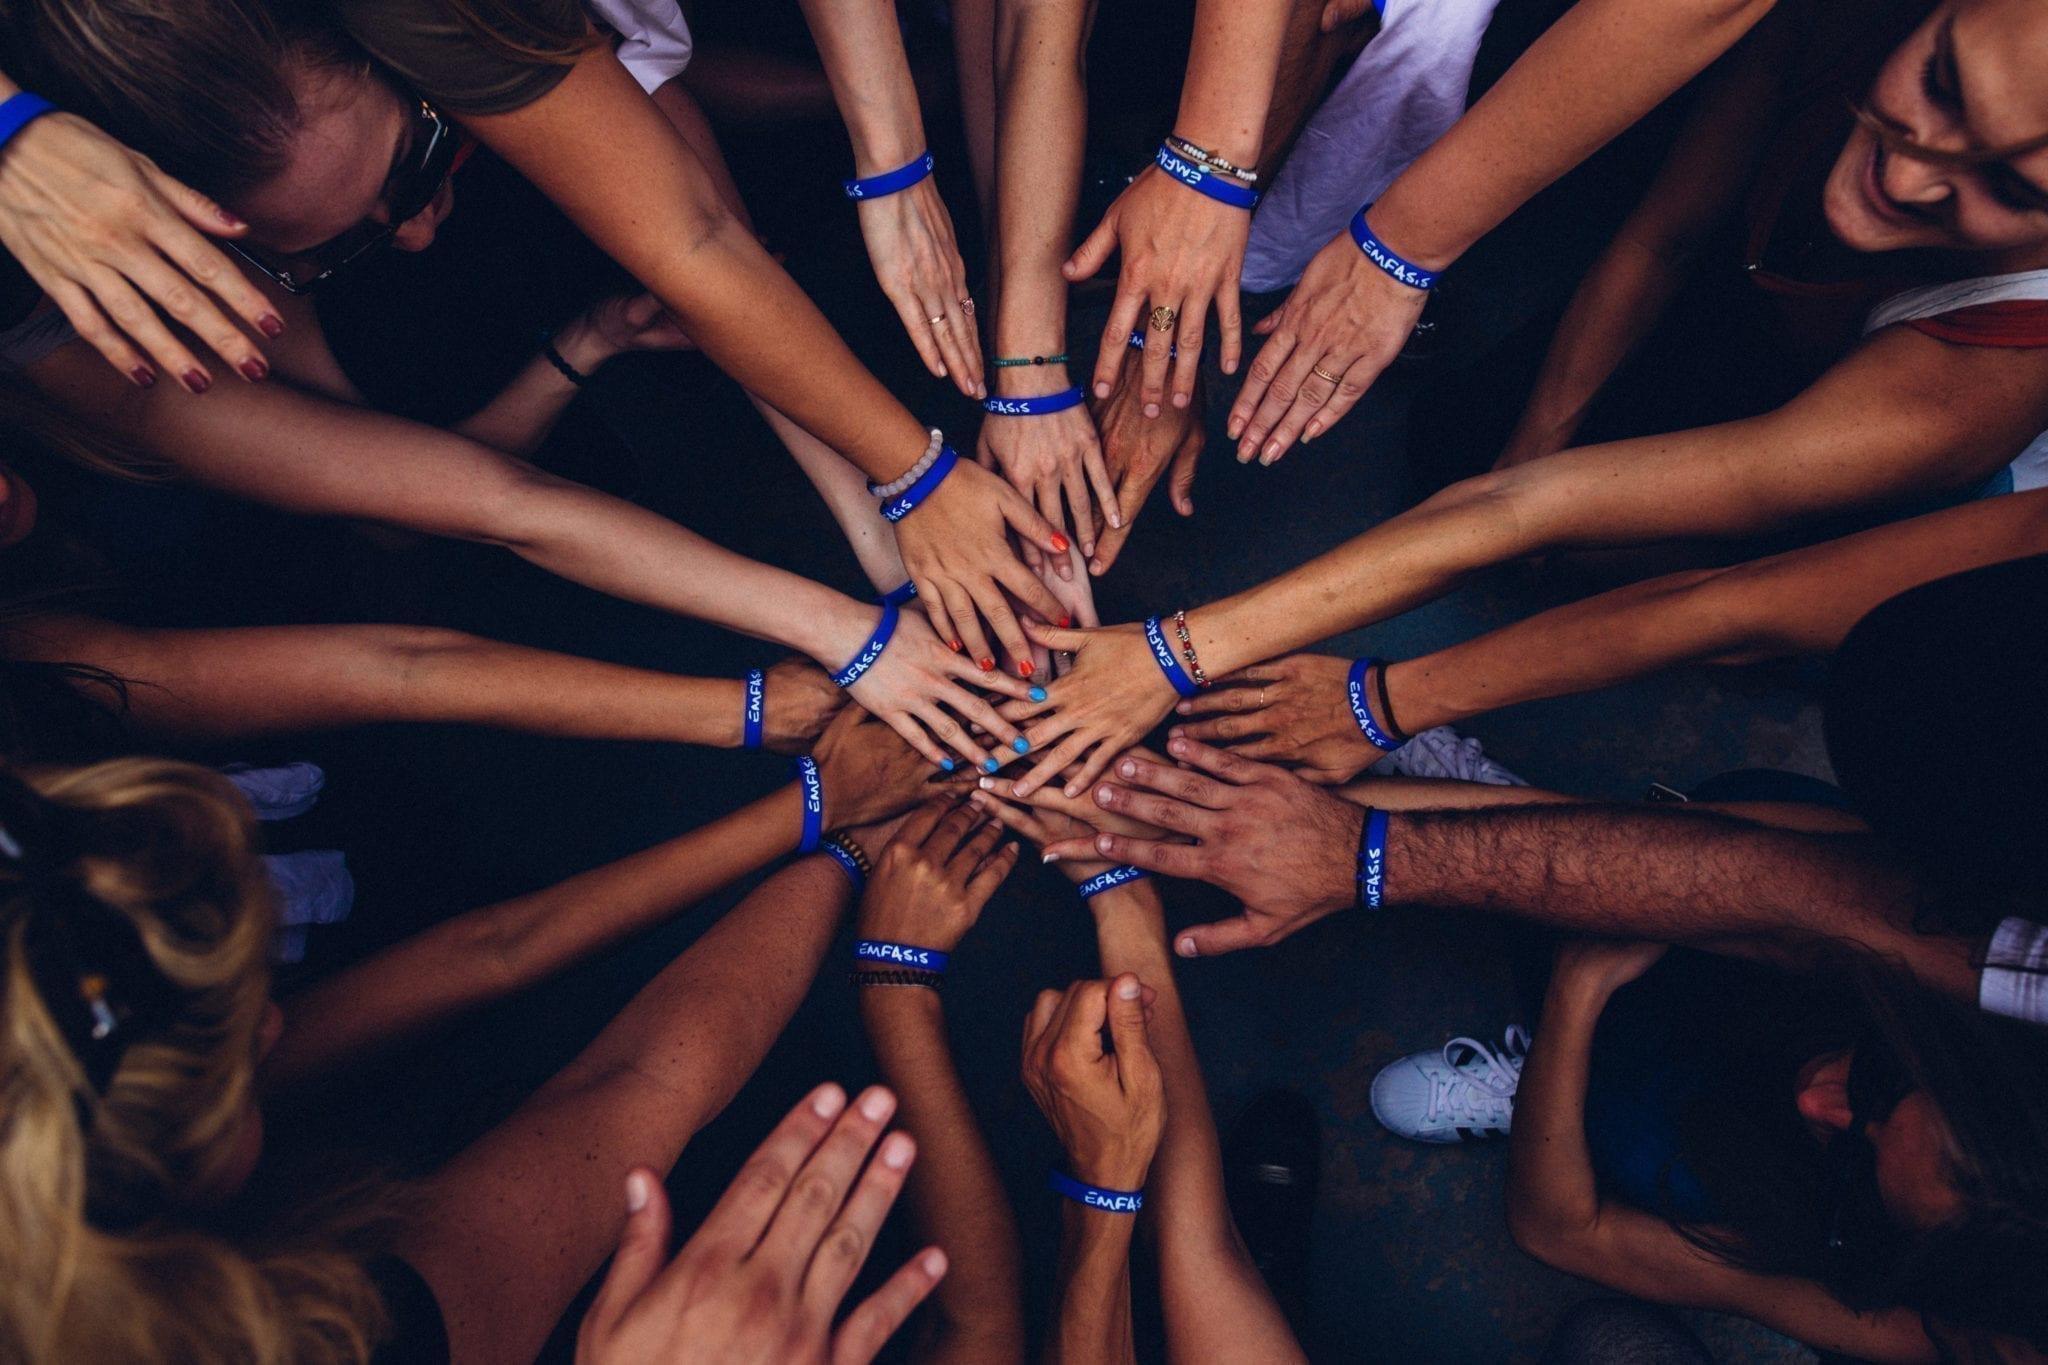 Ein solches Team ist ein notwendiger Bestandteil bei der Ausrichtung eines Wellness-Events.